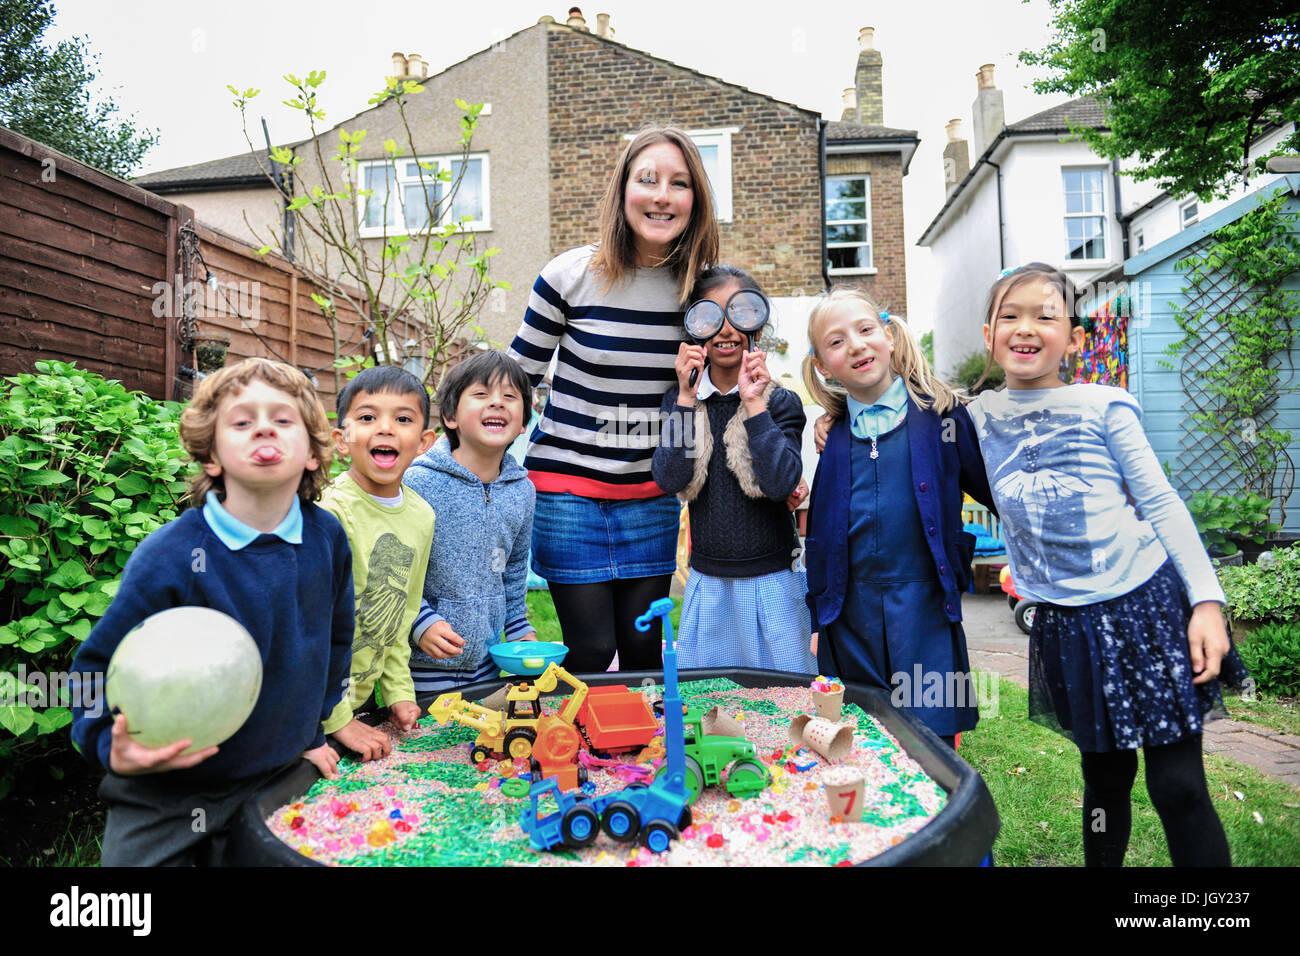 Retrato de childminder y niños por arenero mirando a la cámara sonriendo Imagen De Stock